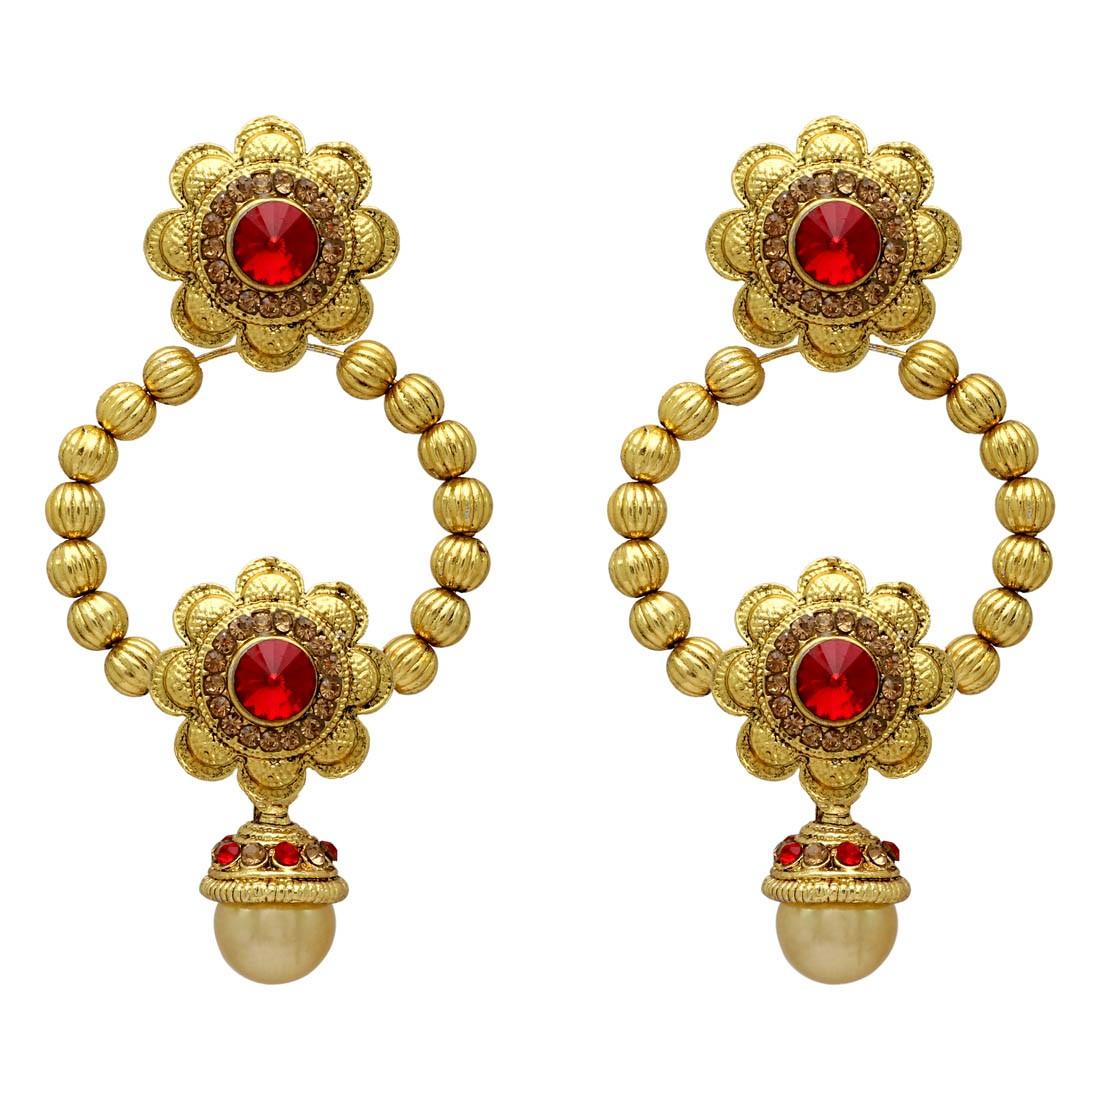 pendientes dorados y rojos con flores